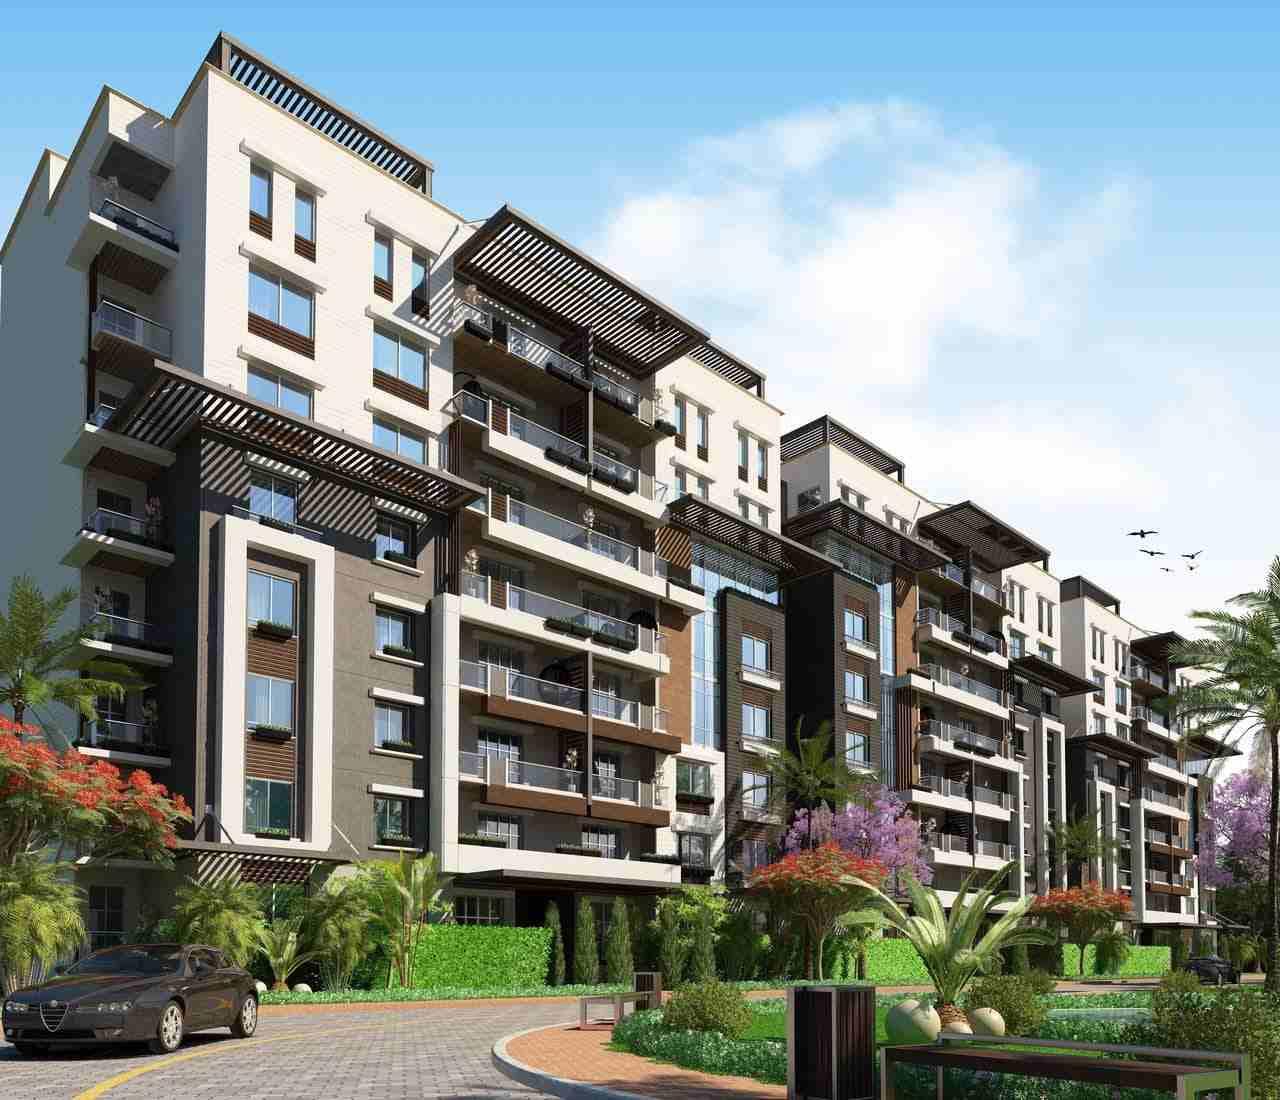 فلل كازبلانكا تسليم ٢٠١٩ و السعر يبدأ من ١,٦٨٠,٠٠٠ لل٣ غرف ...... بتكون مساحة الارض ١,٦٣٣ ....�-  خدلك شقة فى تاون جيت...